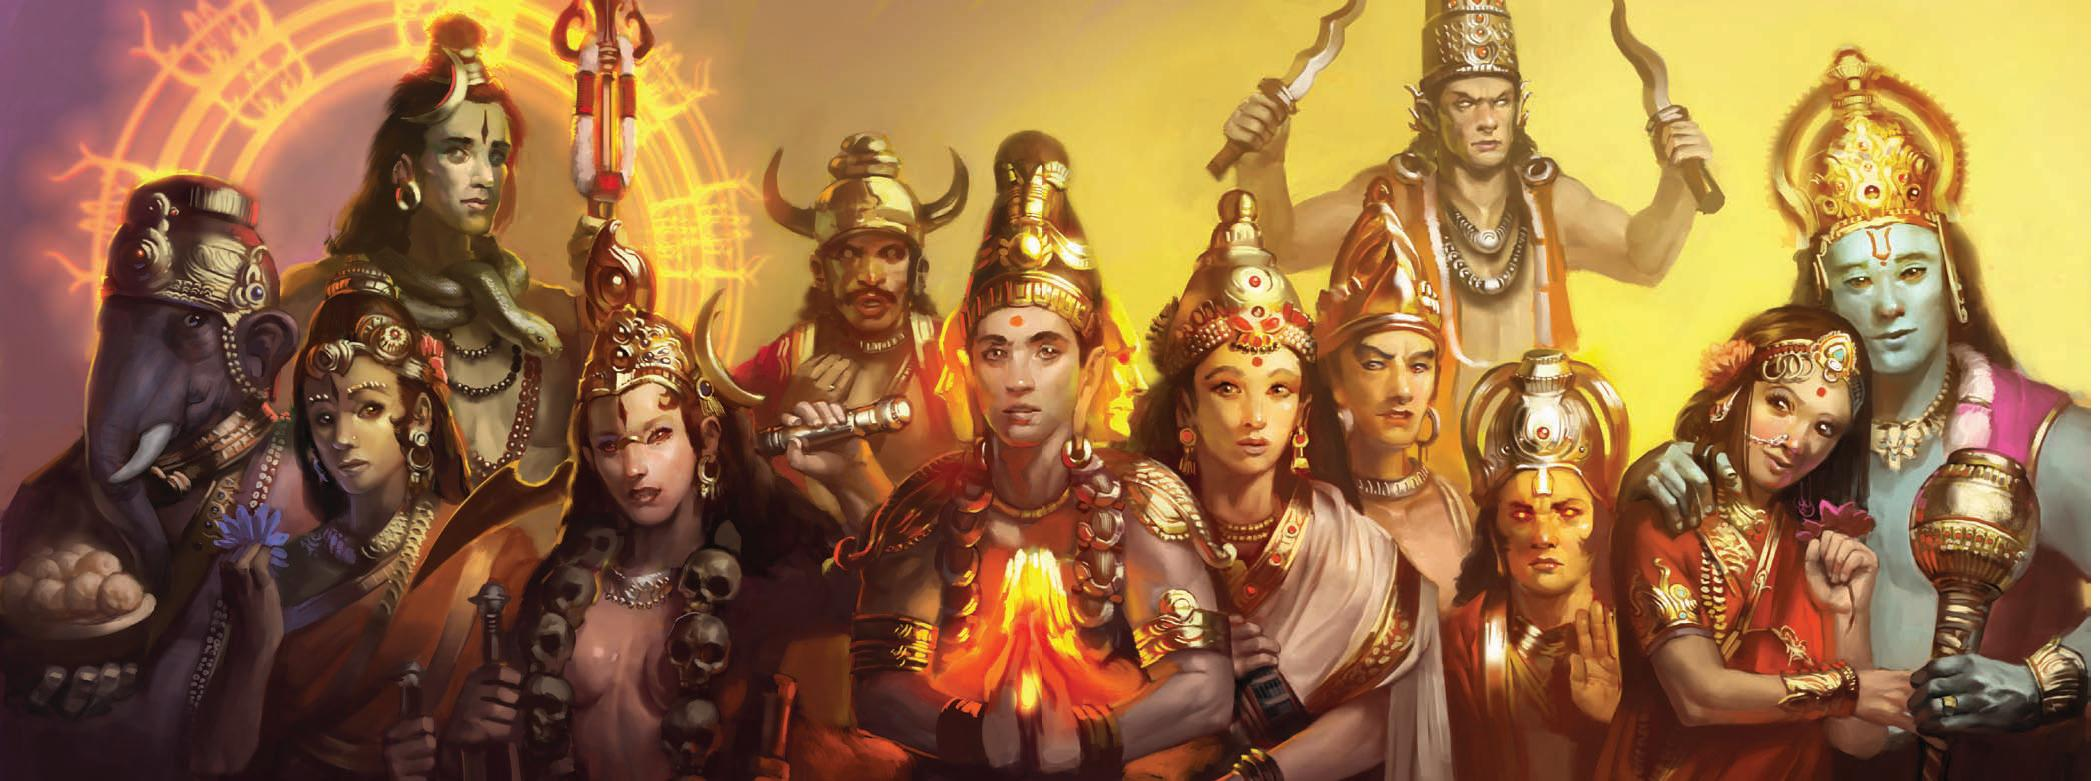 deva Divinità Vediche - da sinistra: Ganesha, Parvati, Shiva (dietro), Kali, Yama (dietro), Brahma, Sarasvati, Agni (in mezzo), Indra (dietro), Surya, Lakshmi e Vishnu Scion - Companion (2009-04) © White Wolf Publishing